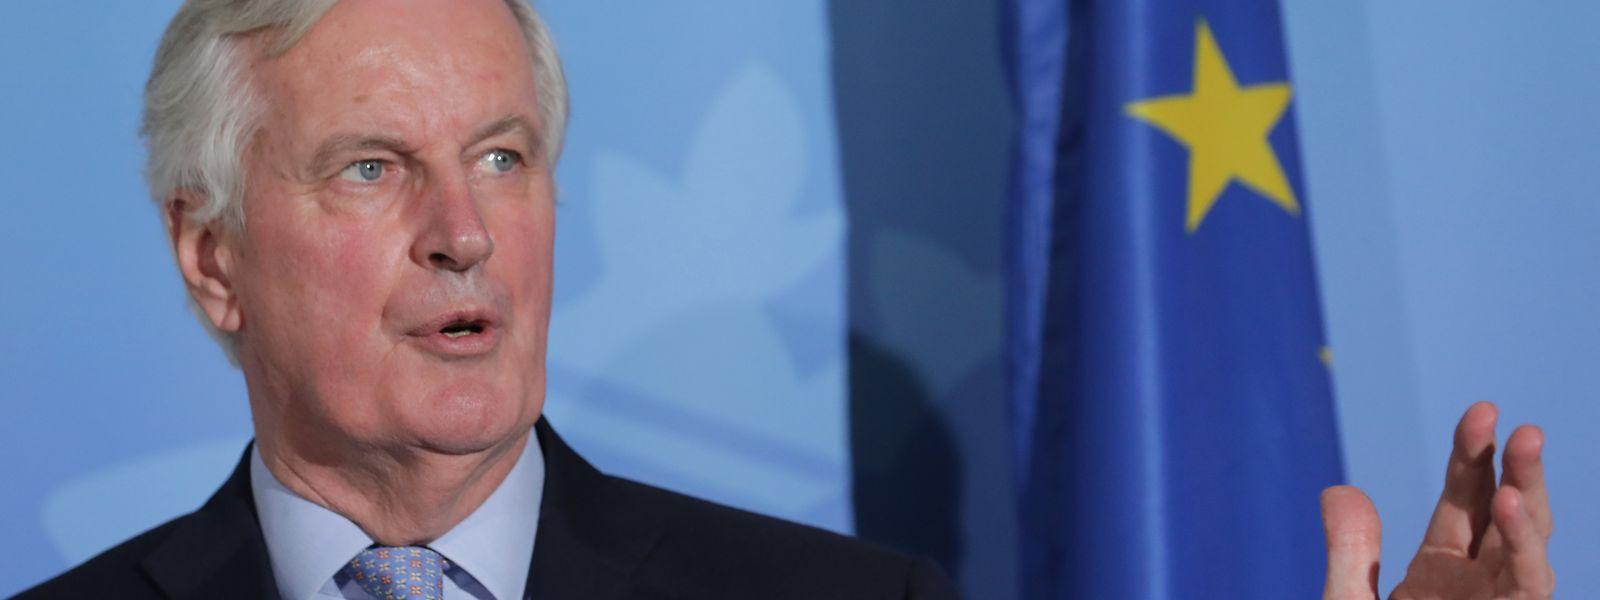 Michel Barnier a rappelé le contenu de son mandat